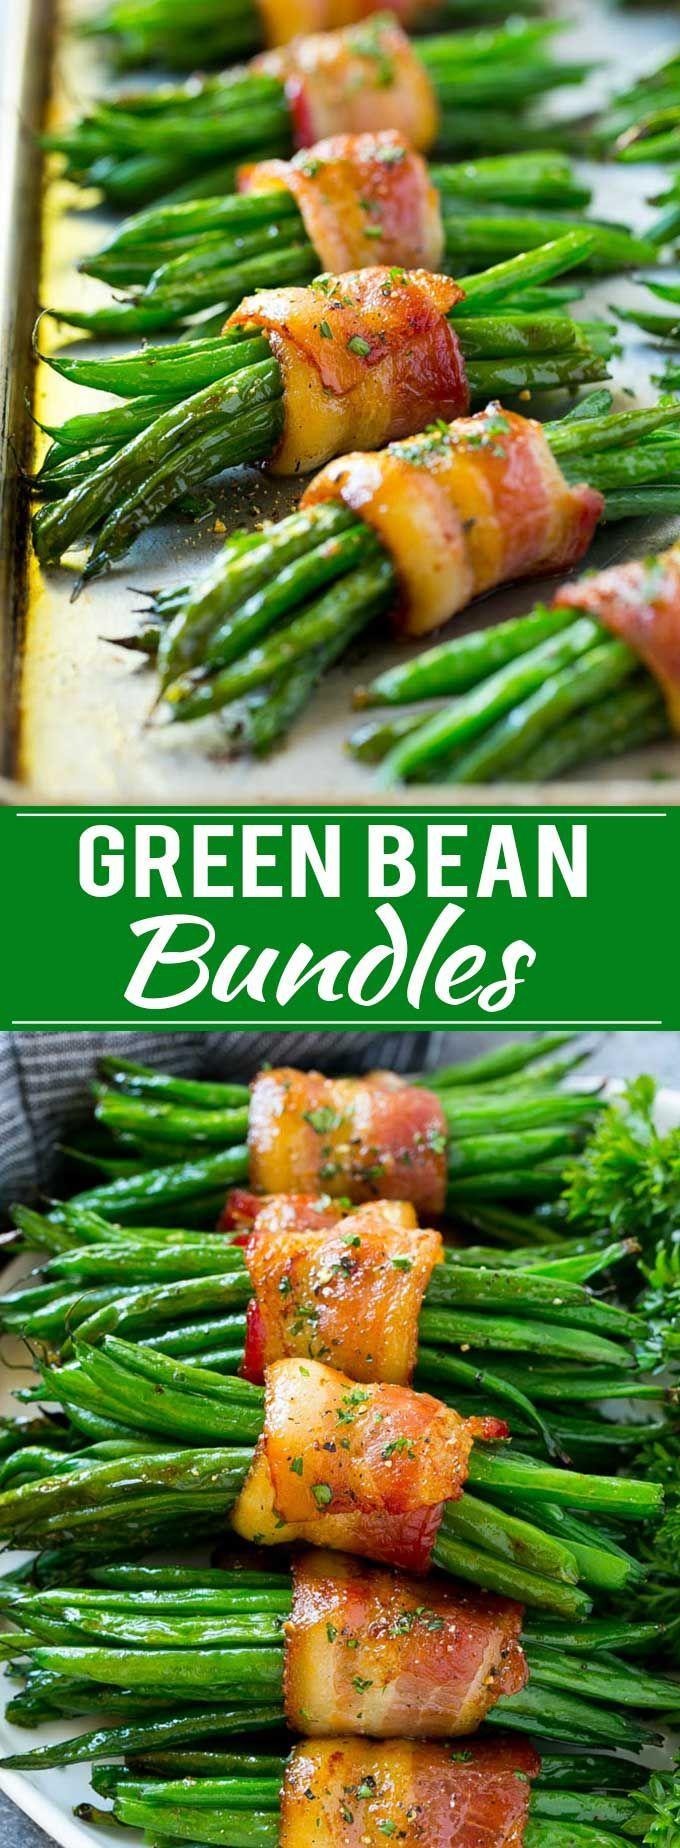 Green Bean Bundles Recipe | Bacon Wrapped Green Beans | Green Beans with Bacon | Green Beans Recipe